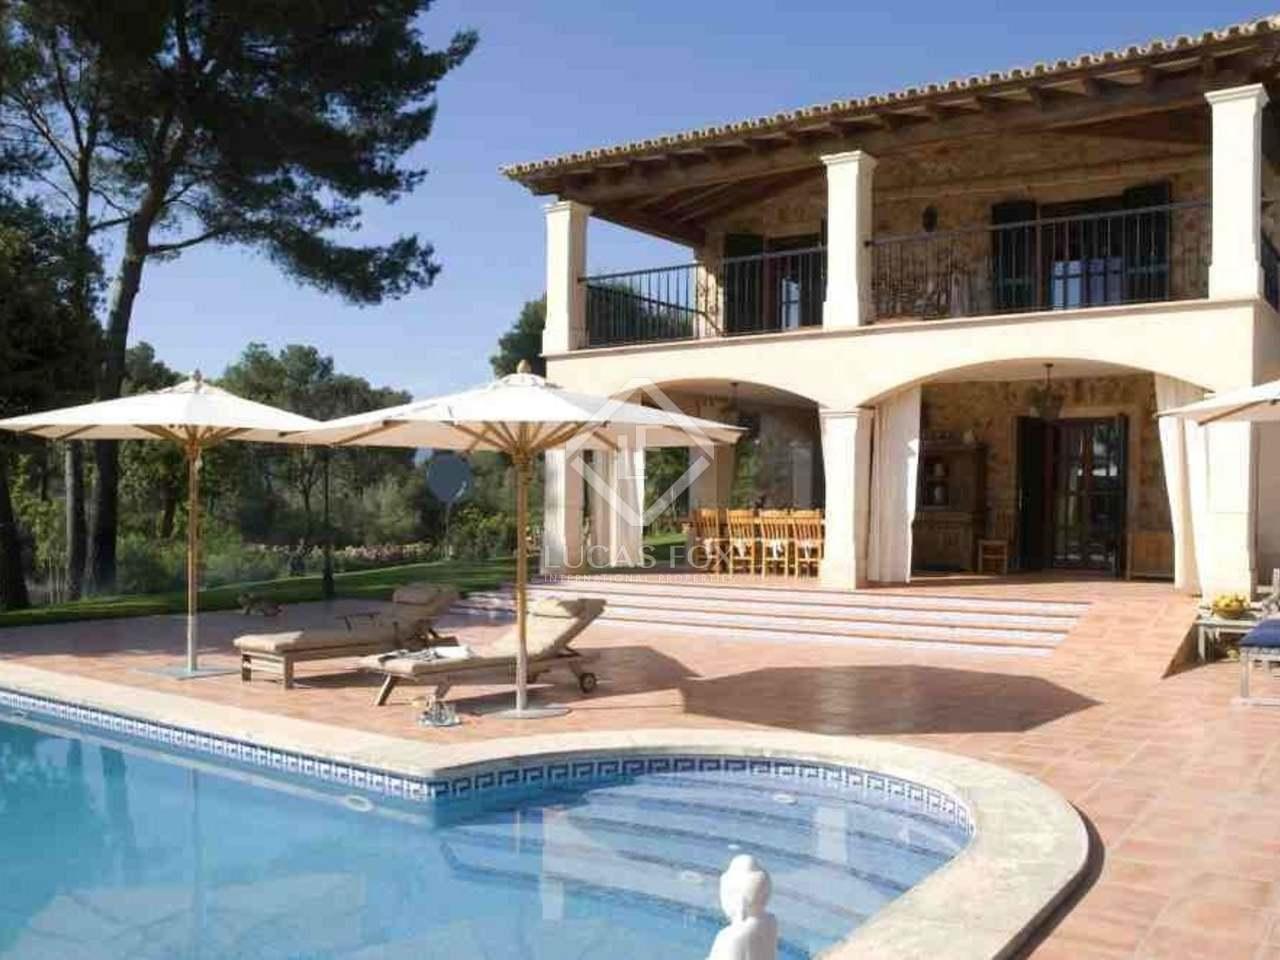 Casa En Venta En P Rtol Cerca De Palma Mallorca